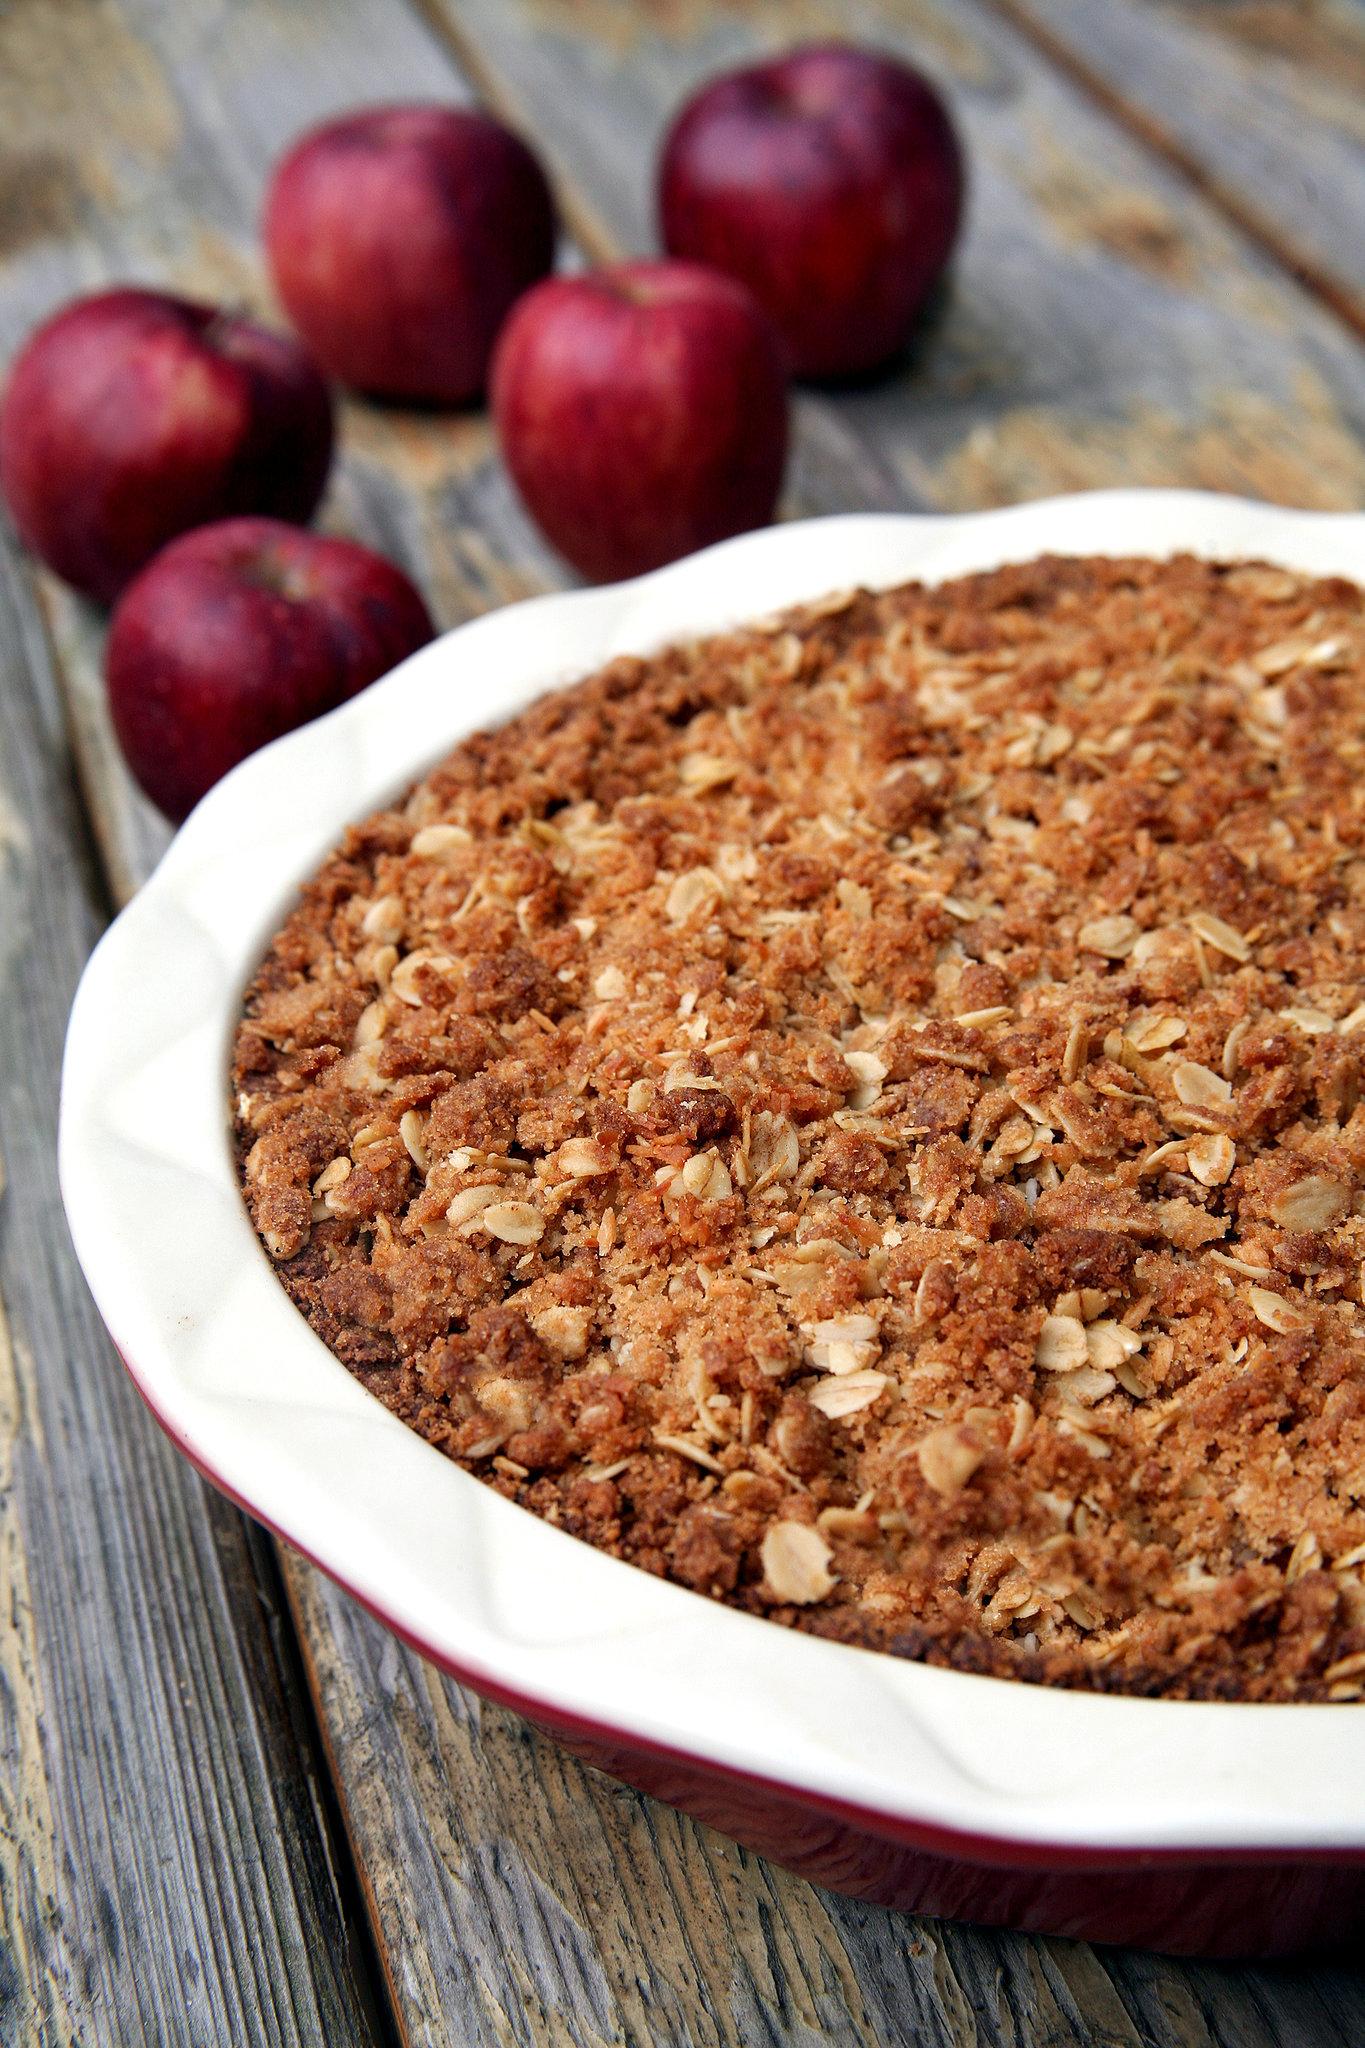 photo via popsugar.com